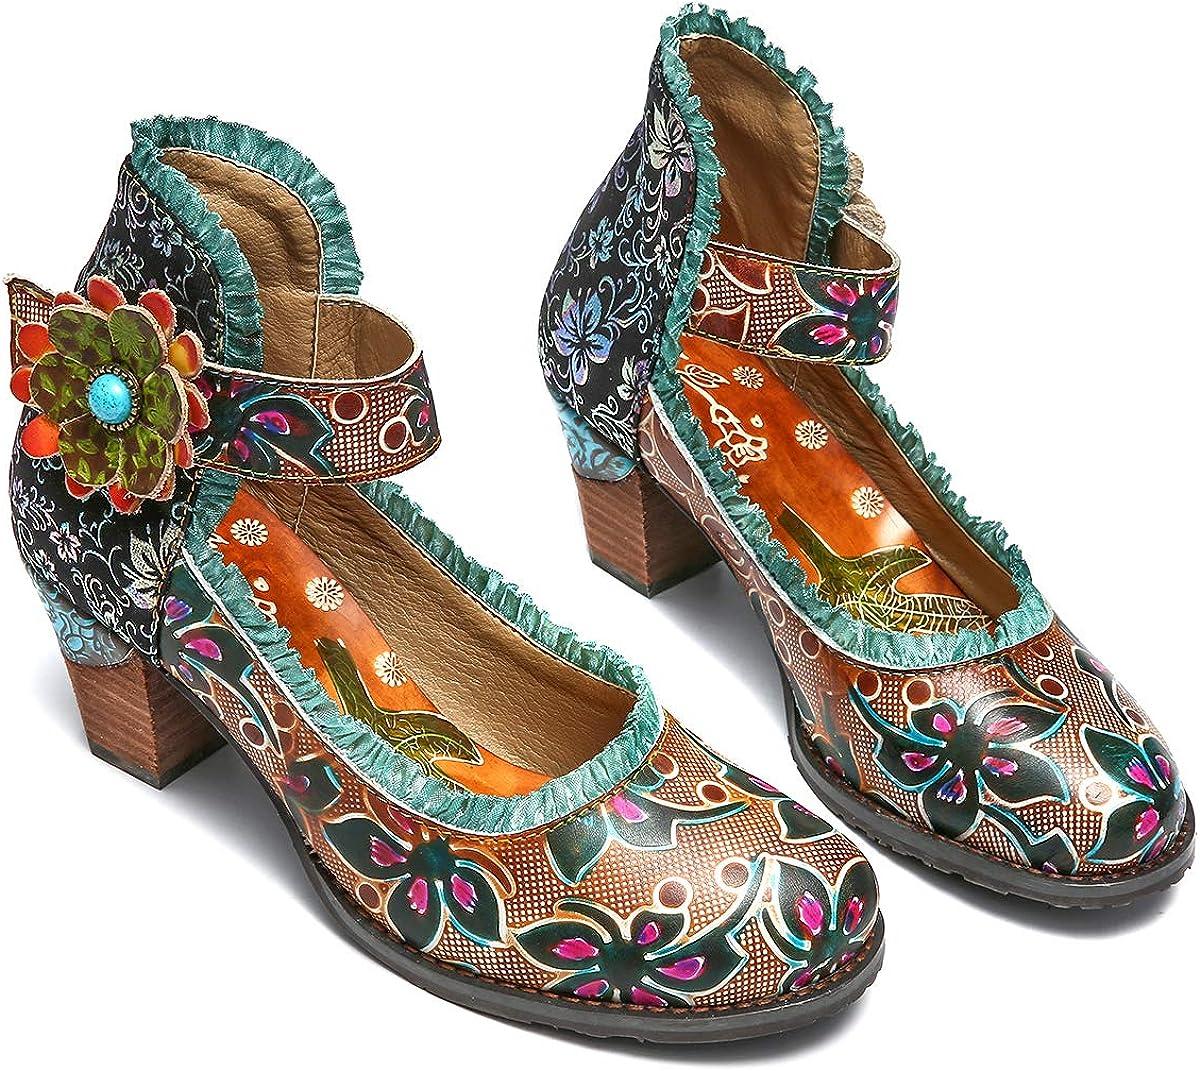 gracosy Cuero Zapatos de Tacón Medio de Mujer, Verano Primavera Fabricados a Mano con un Flores Tamaño 37-42 Rojo Verde Azul Hebilla Diseño Elegante y Moderno Estilo Bohemia